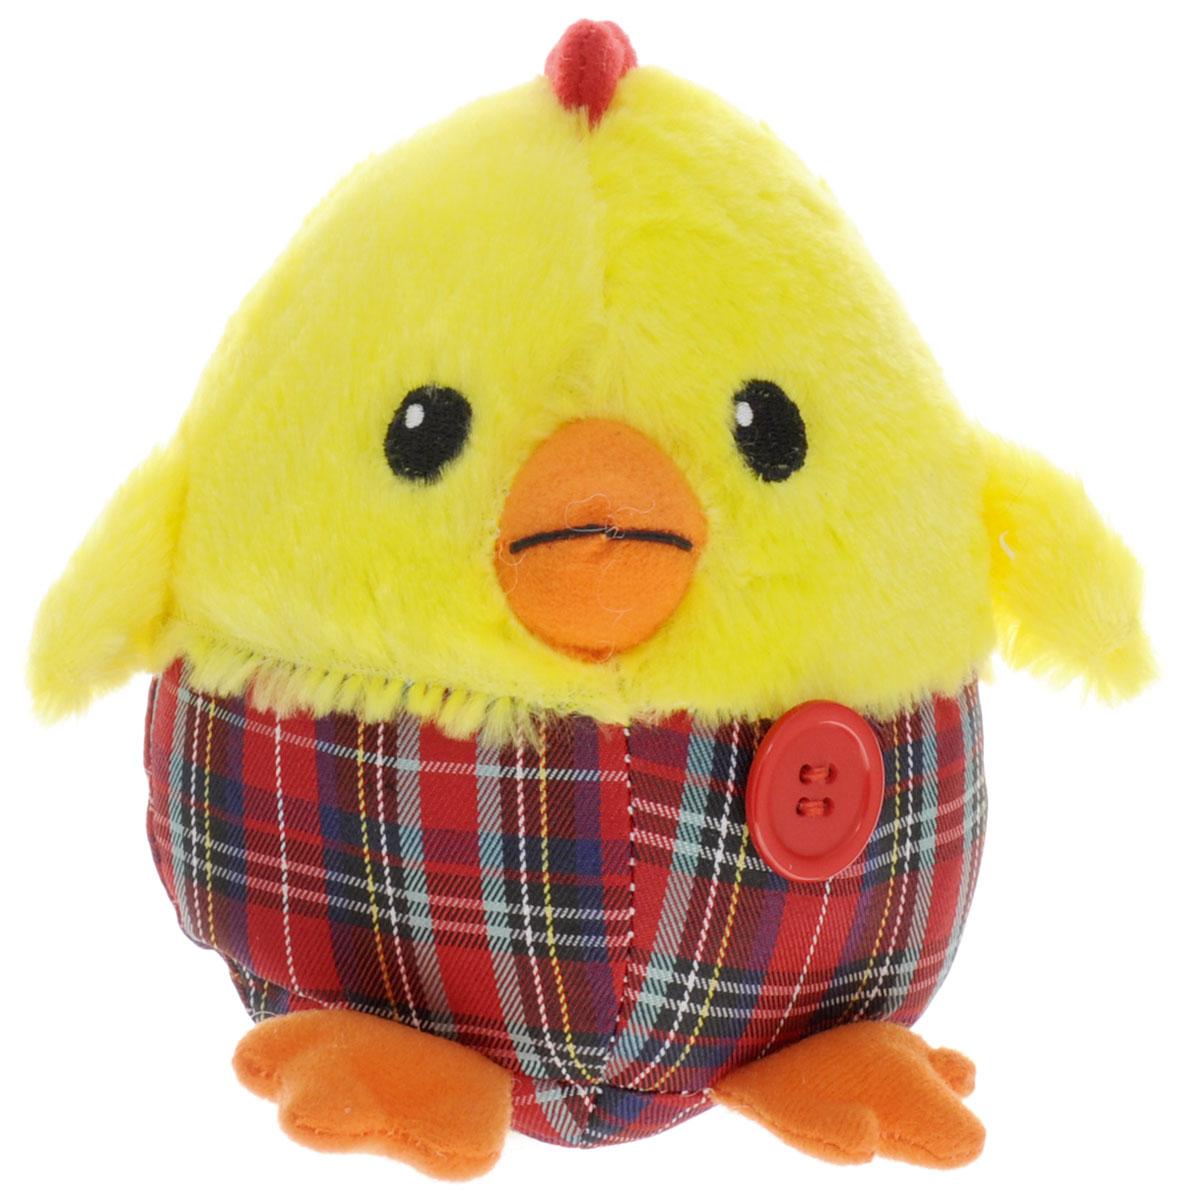 Gulliver Мягкая игрушка Цыпленок Солнышко в штанишках цвет желтый красный 12 см gulliver мягкая игрушка цыпленок солнышко в штанишках цвет желтый черный серый 12 см